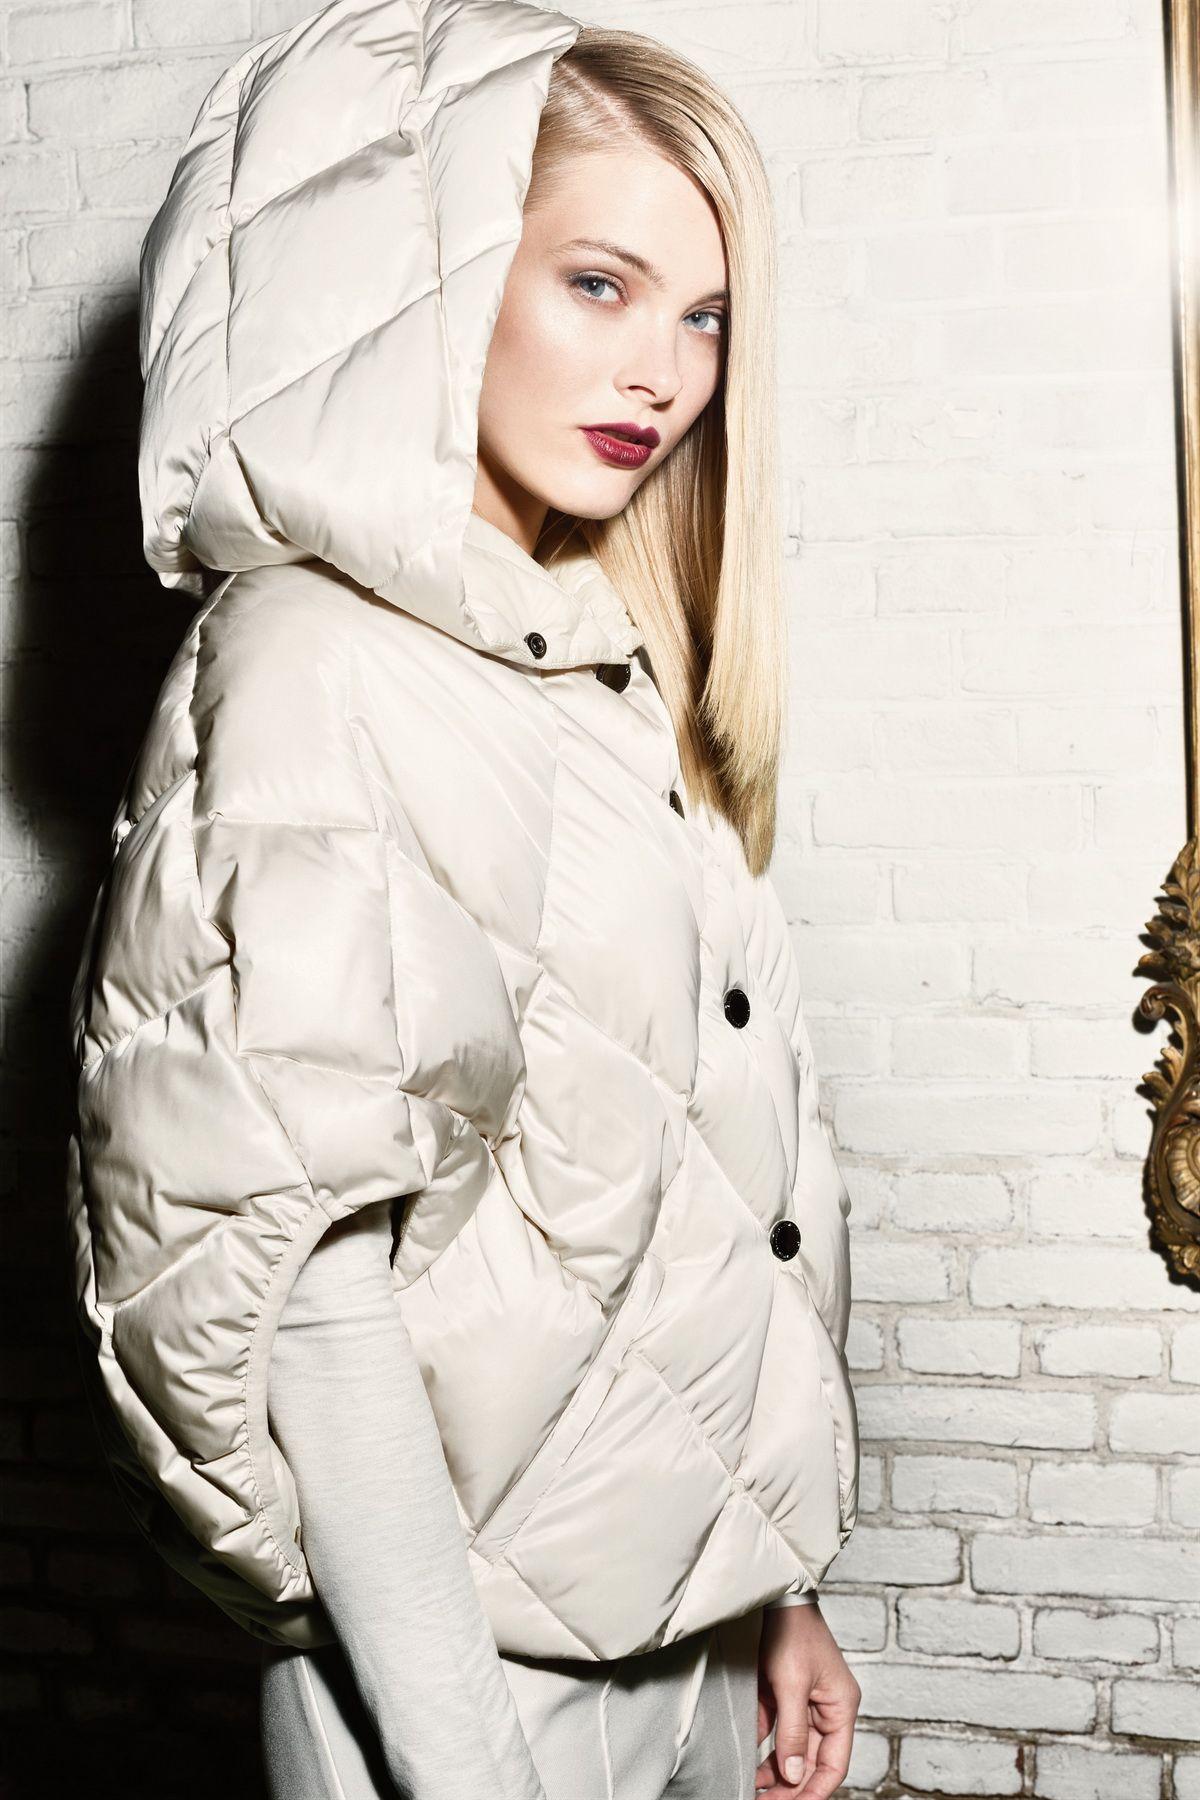 Женские куртки осень зима 2014 разбитое зеркало картинки